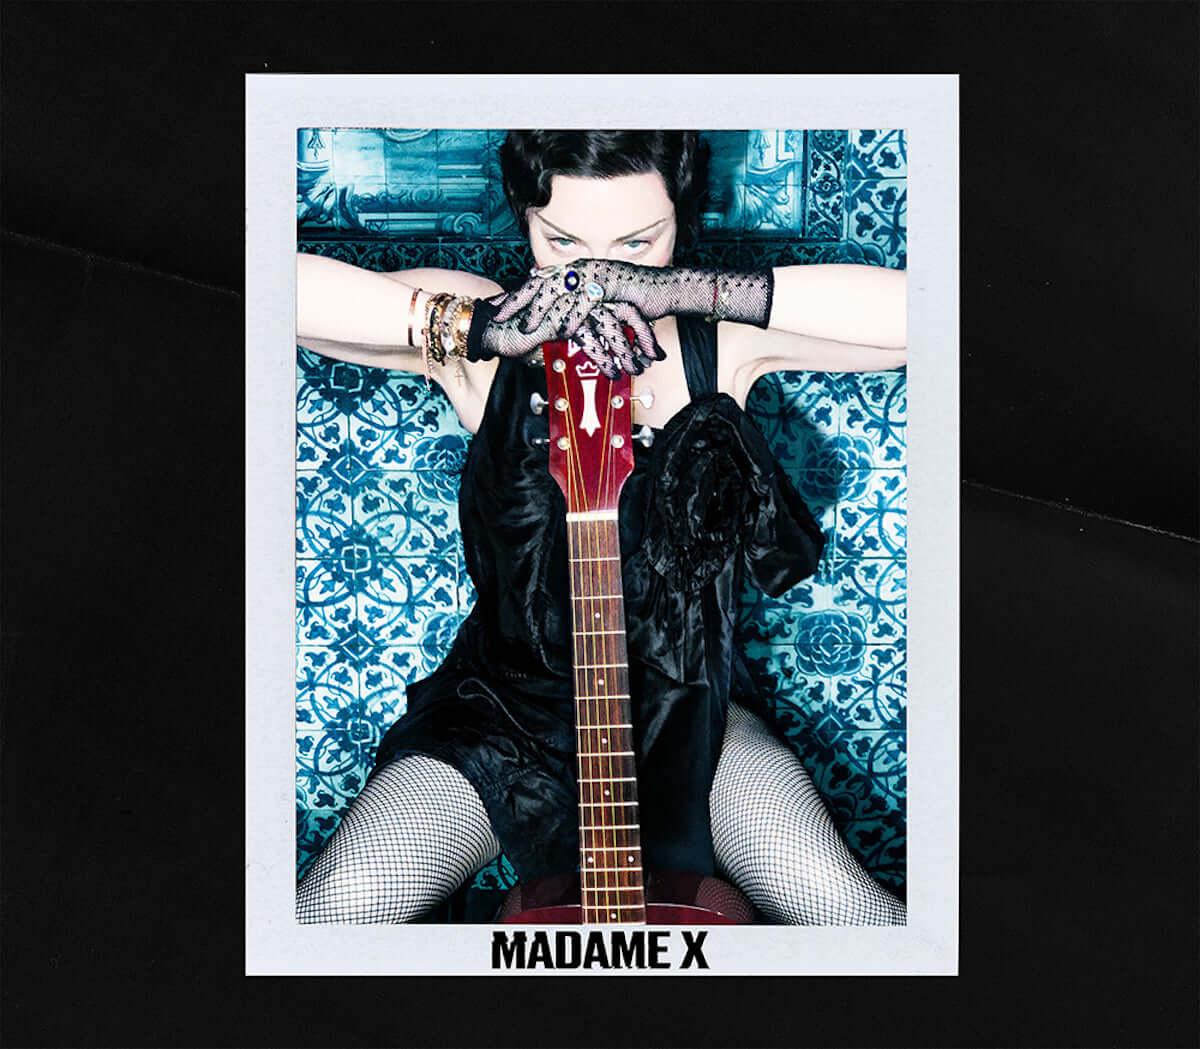 マドンナ、14枚目のニューアルバム『マダムX』 6月14日全世界同時リリース music190418_madonna_2-1200x1049